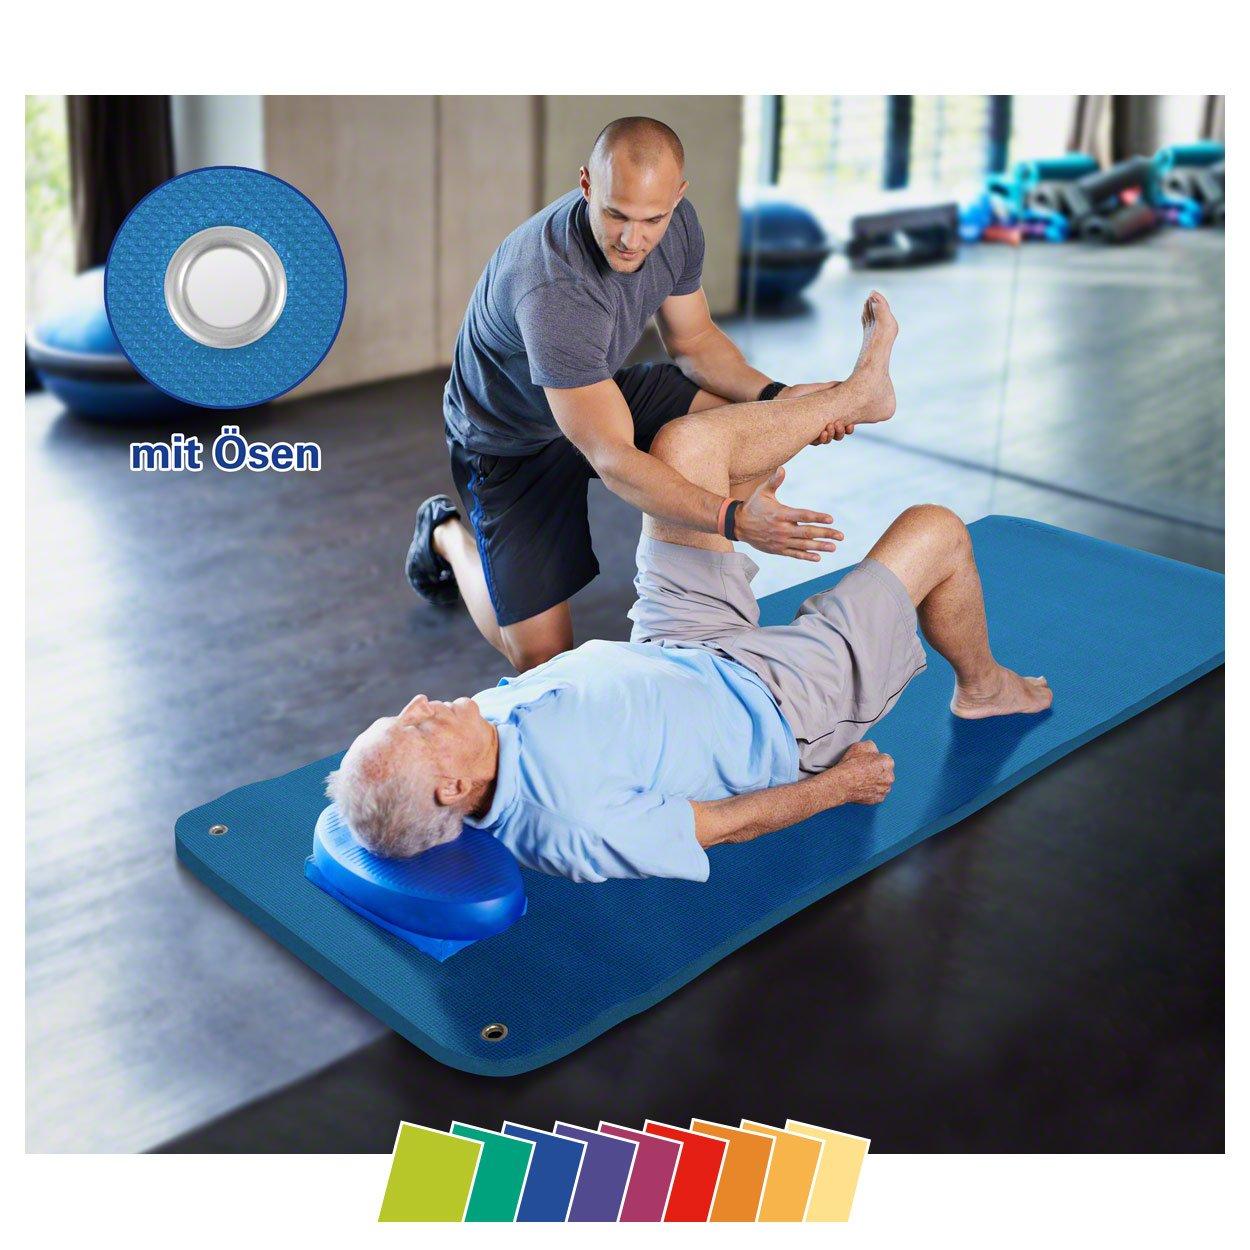 Sport-Tec Therapiematte inkl. 200x85x1,5 Ösen, LxBxH 200x85x1,5 inkl. cm b1a2df